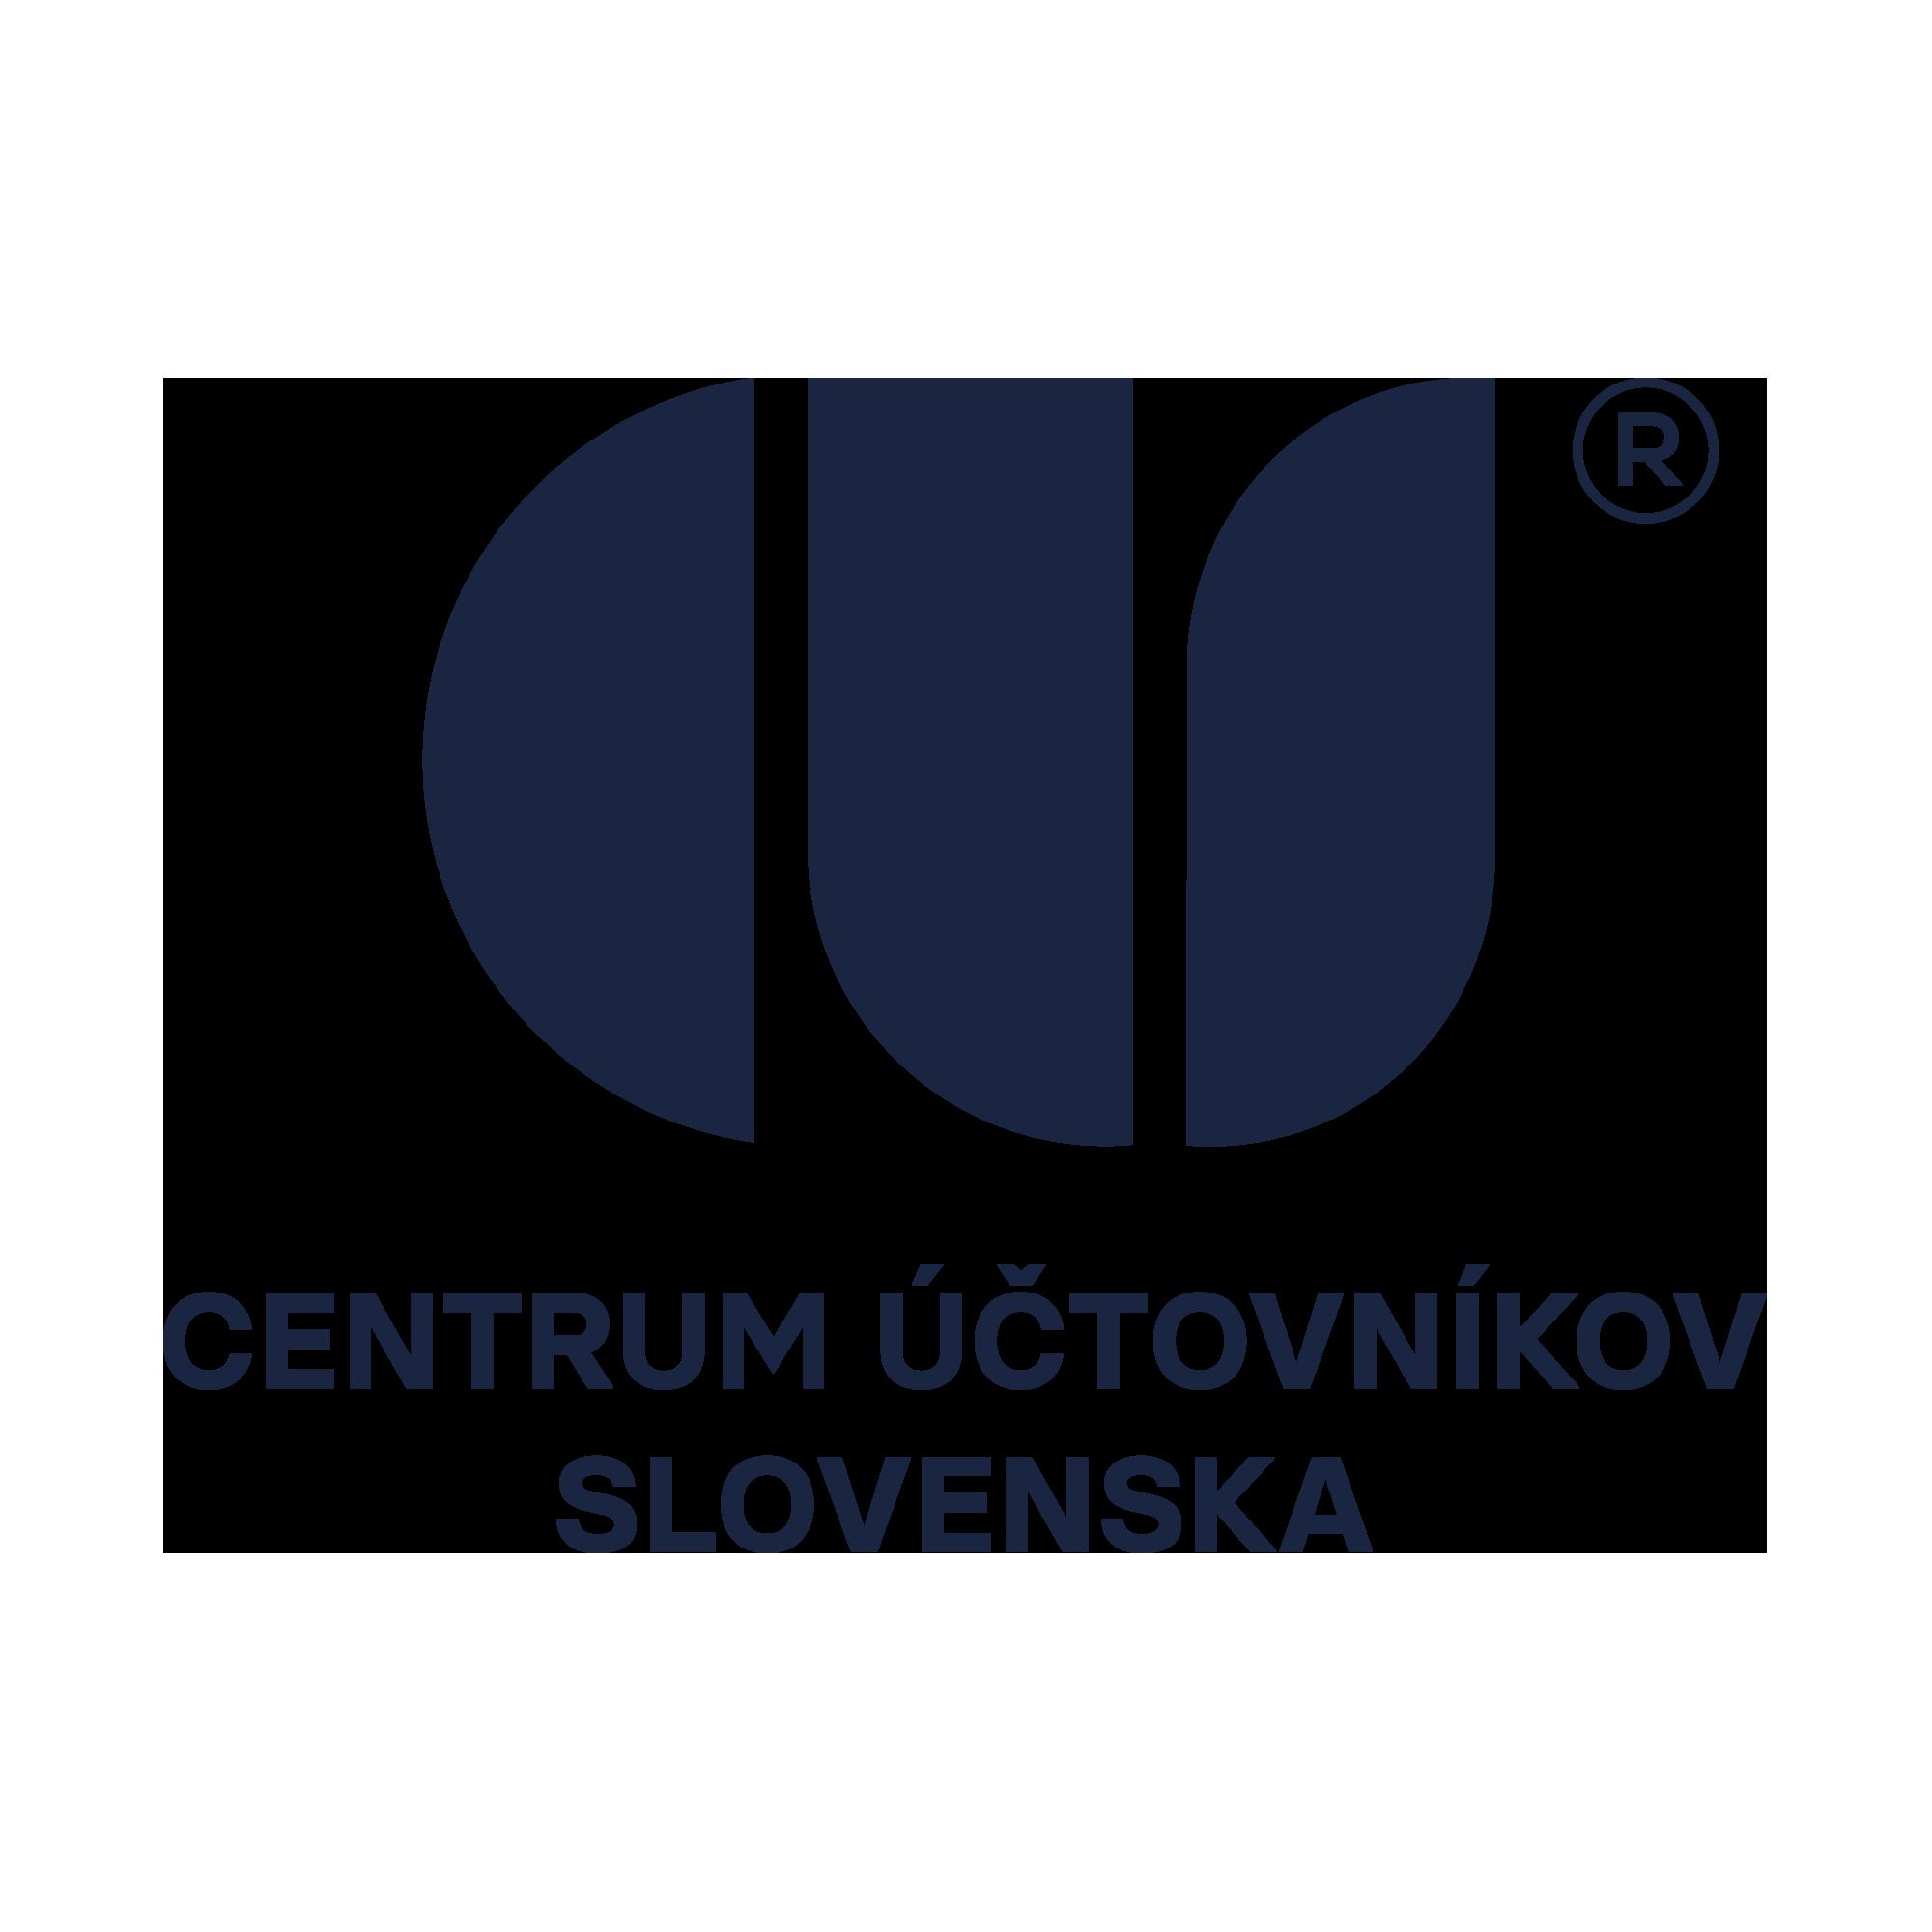 CUS – Centrum účtovníkov Slovenska